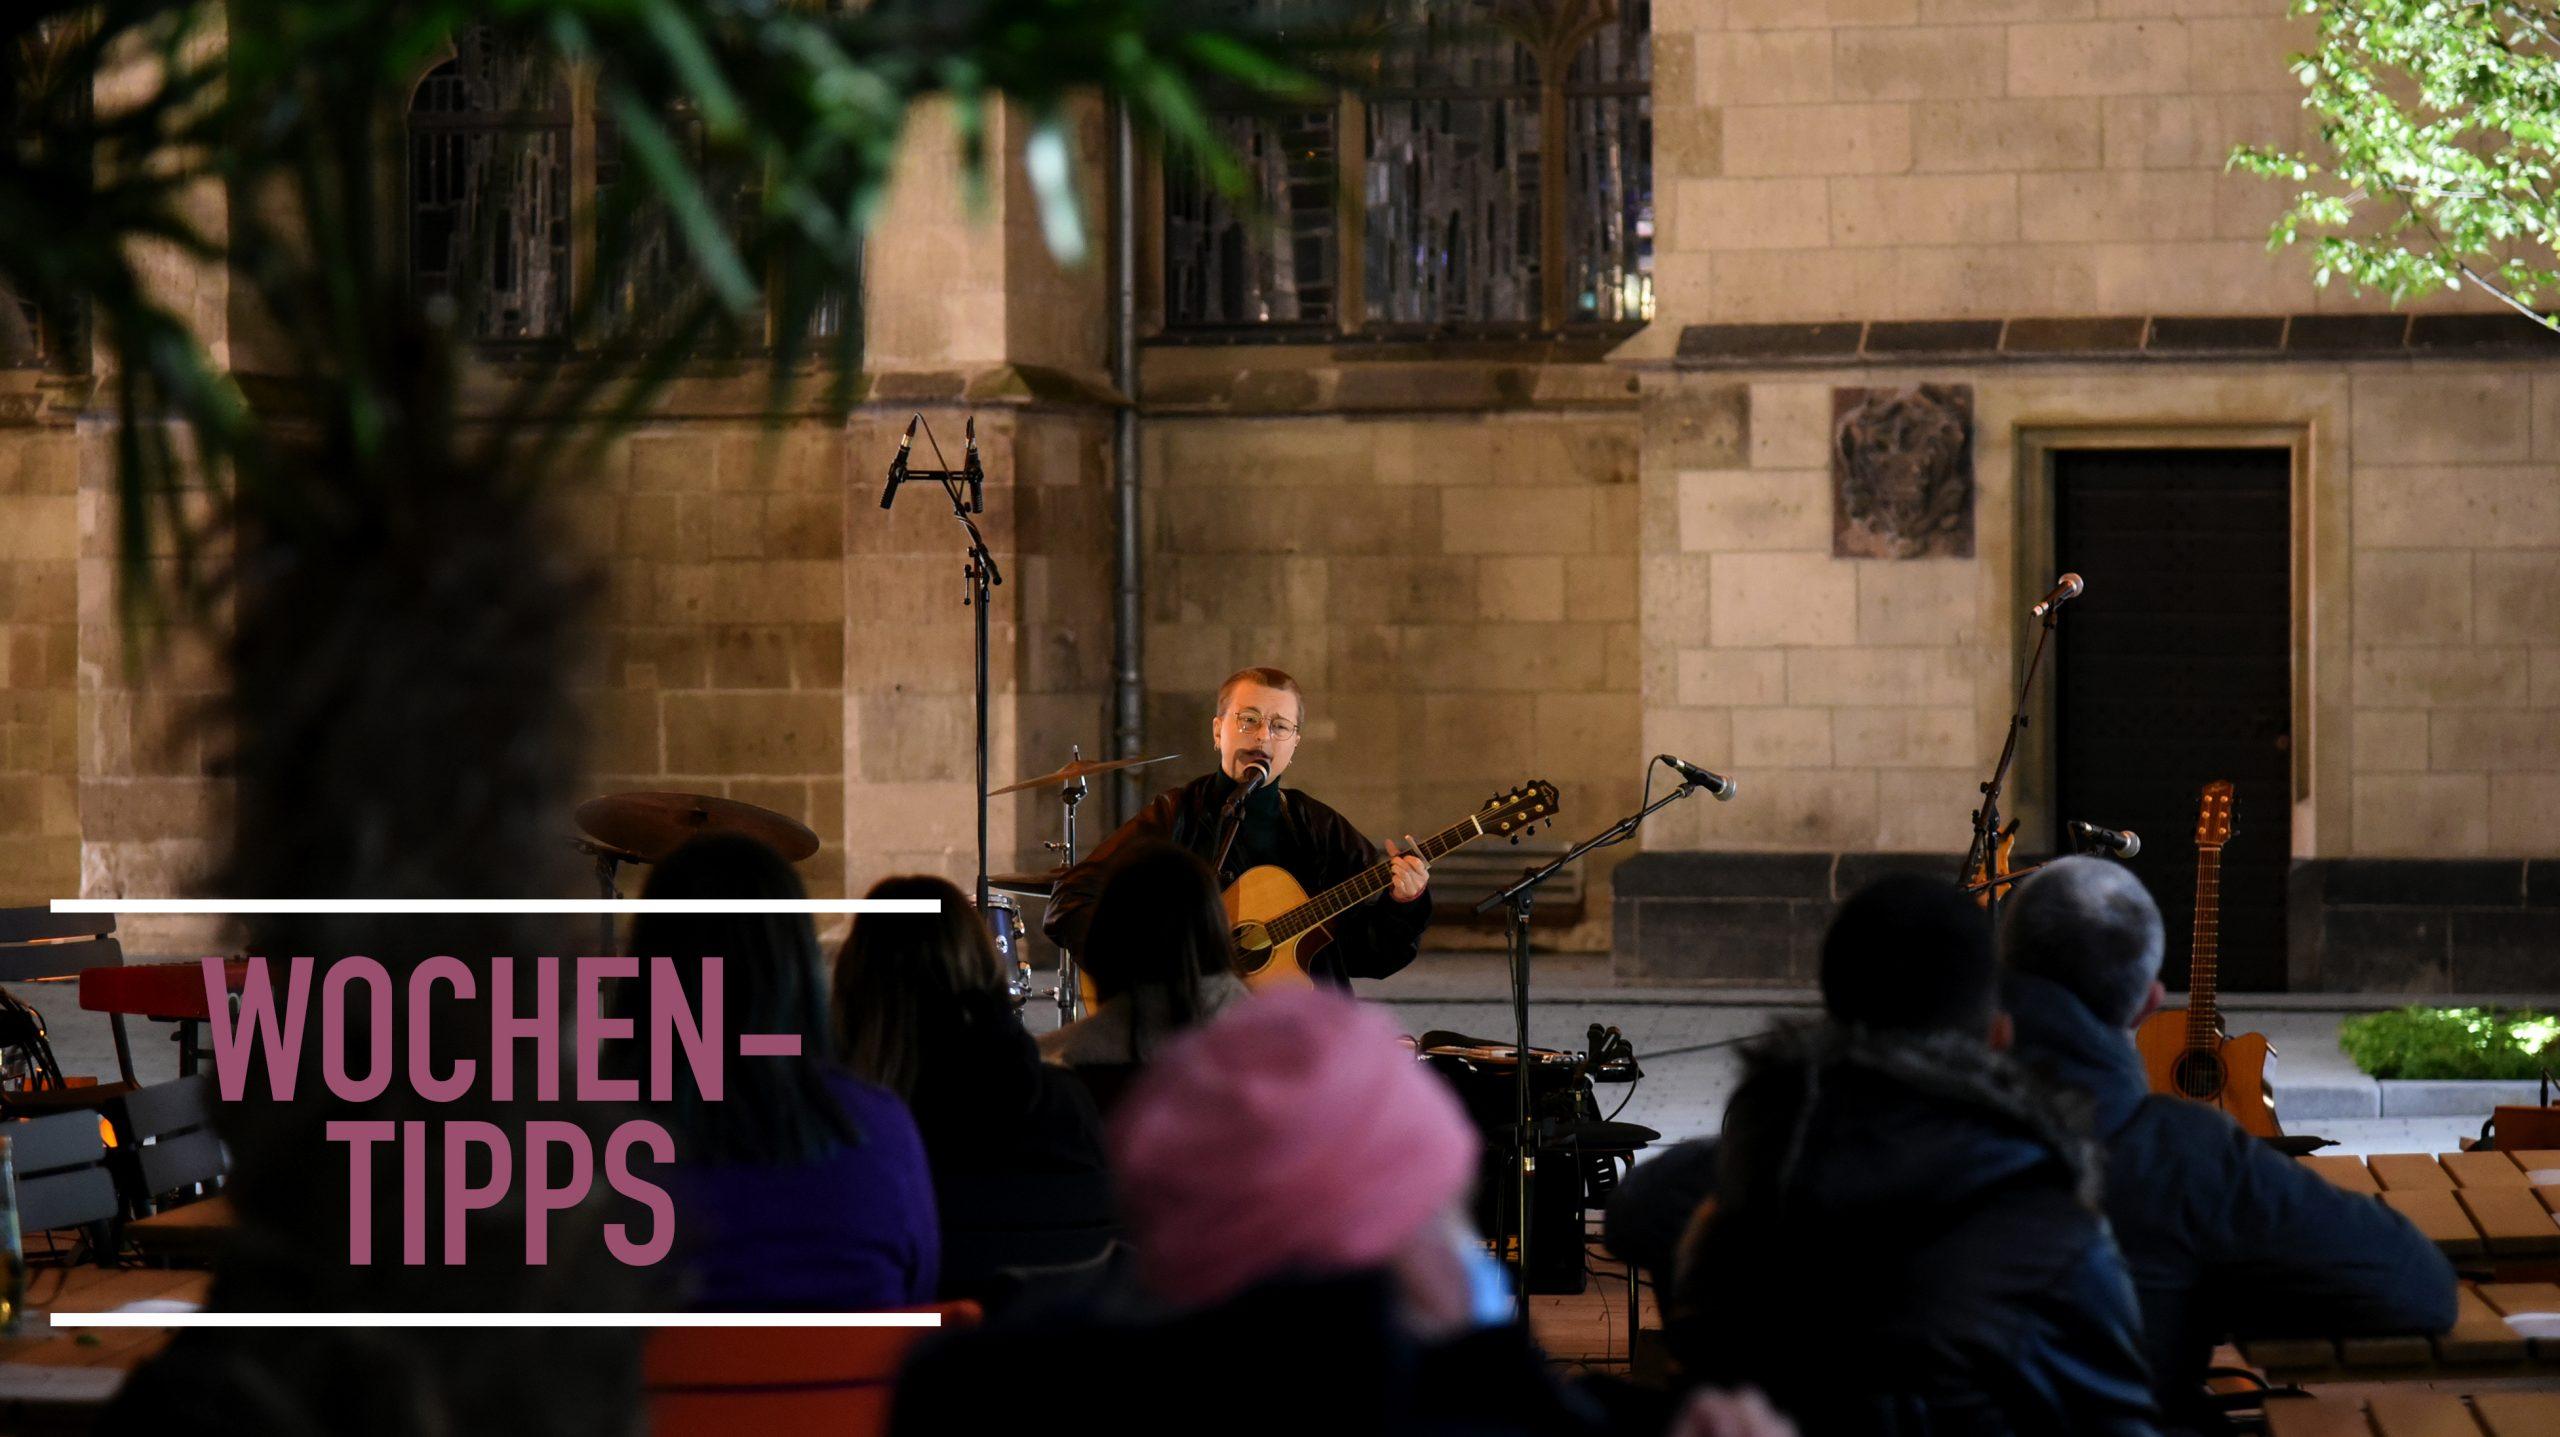 """Wochentipps: """"Kirchenbuffet"""", Orgelfestival, Open-Air und Hofkonzert"""